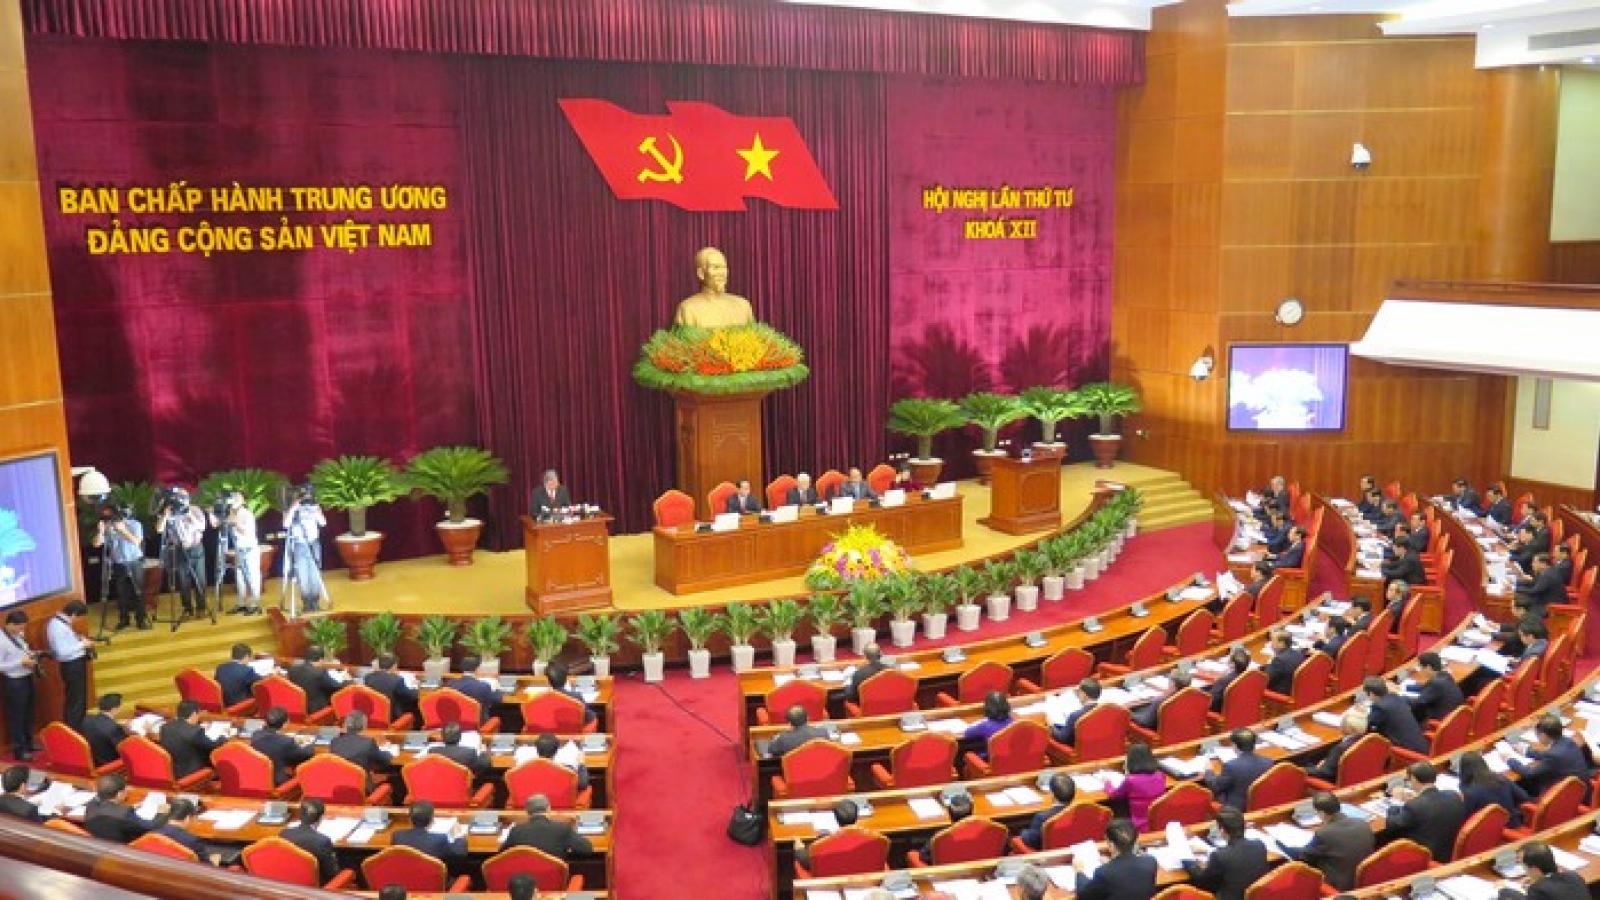 Nhiệm kỳ khóa XII: Không ai được phép đứng trên, đứng ngoài tổ chức Đảng